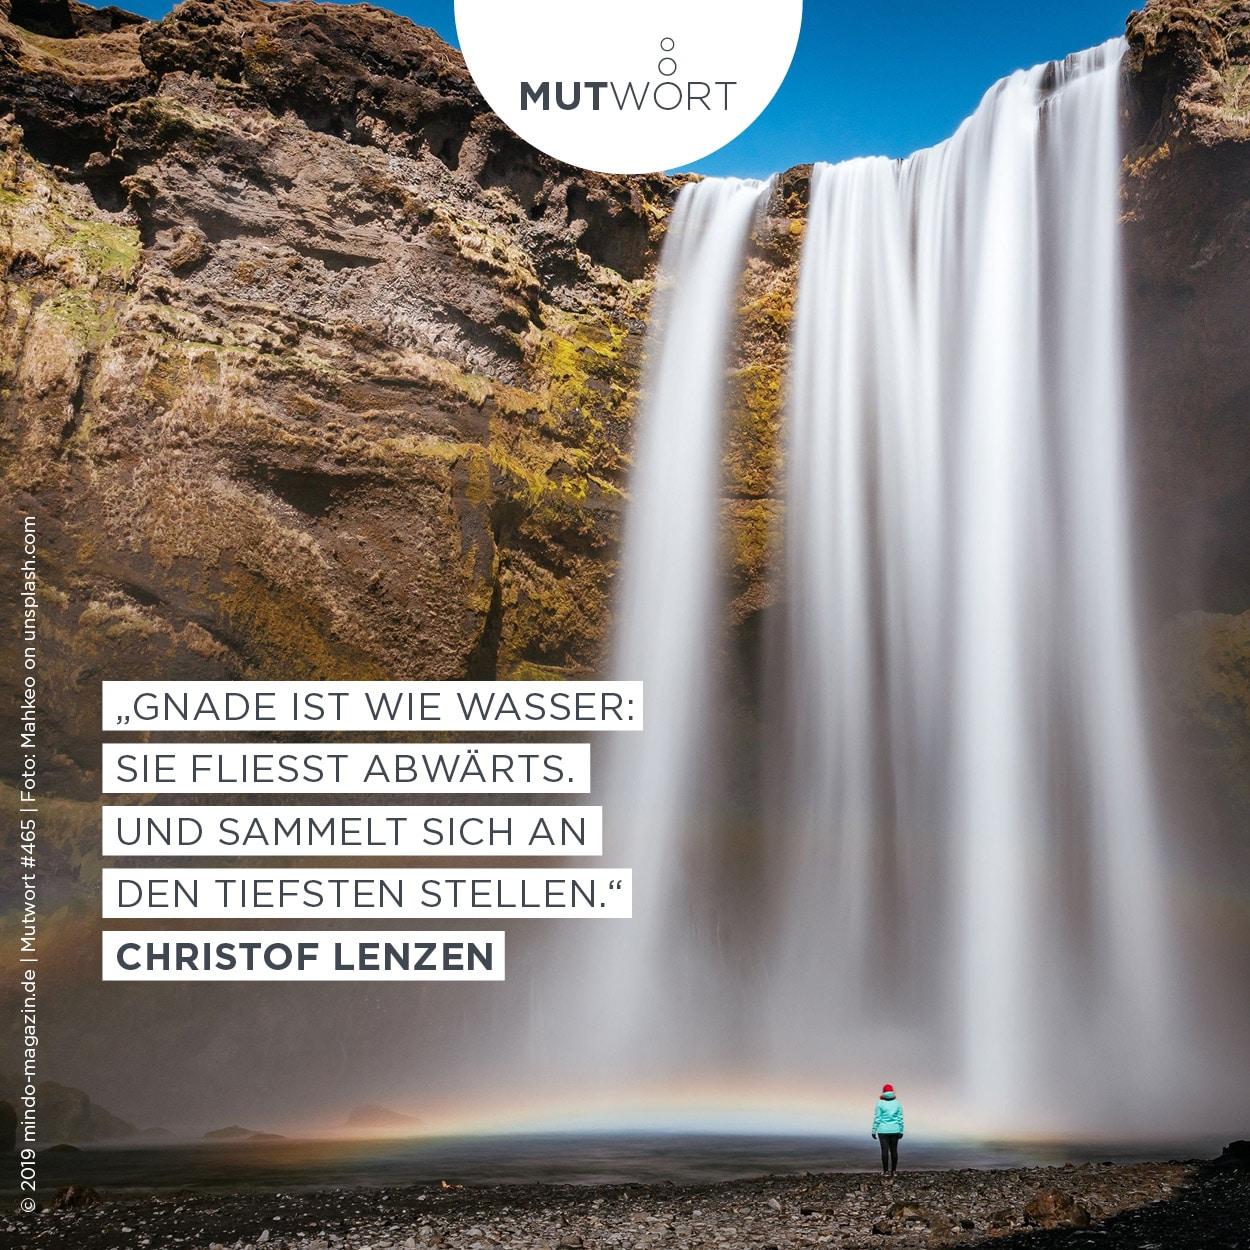 """""""Gnade ist wie Wasser: Sie fließt abwärts. Und sammelt sich an den tiefsten Stellen."""" – Christof Lenzen"""